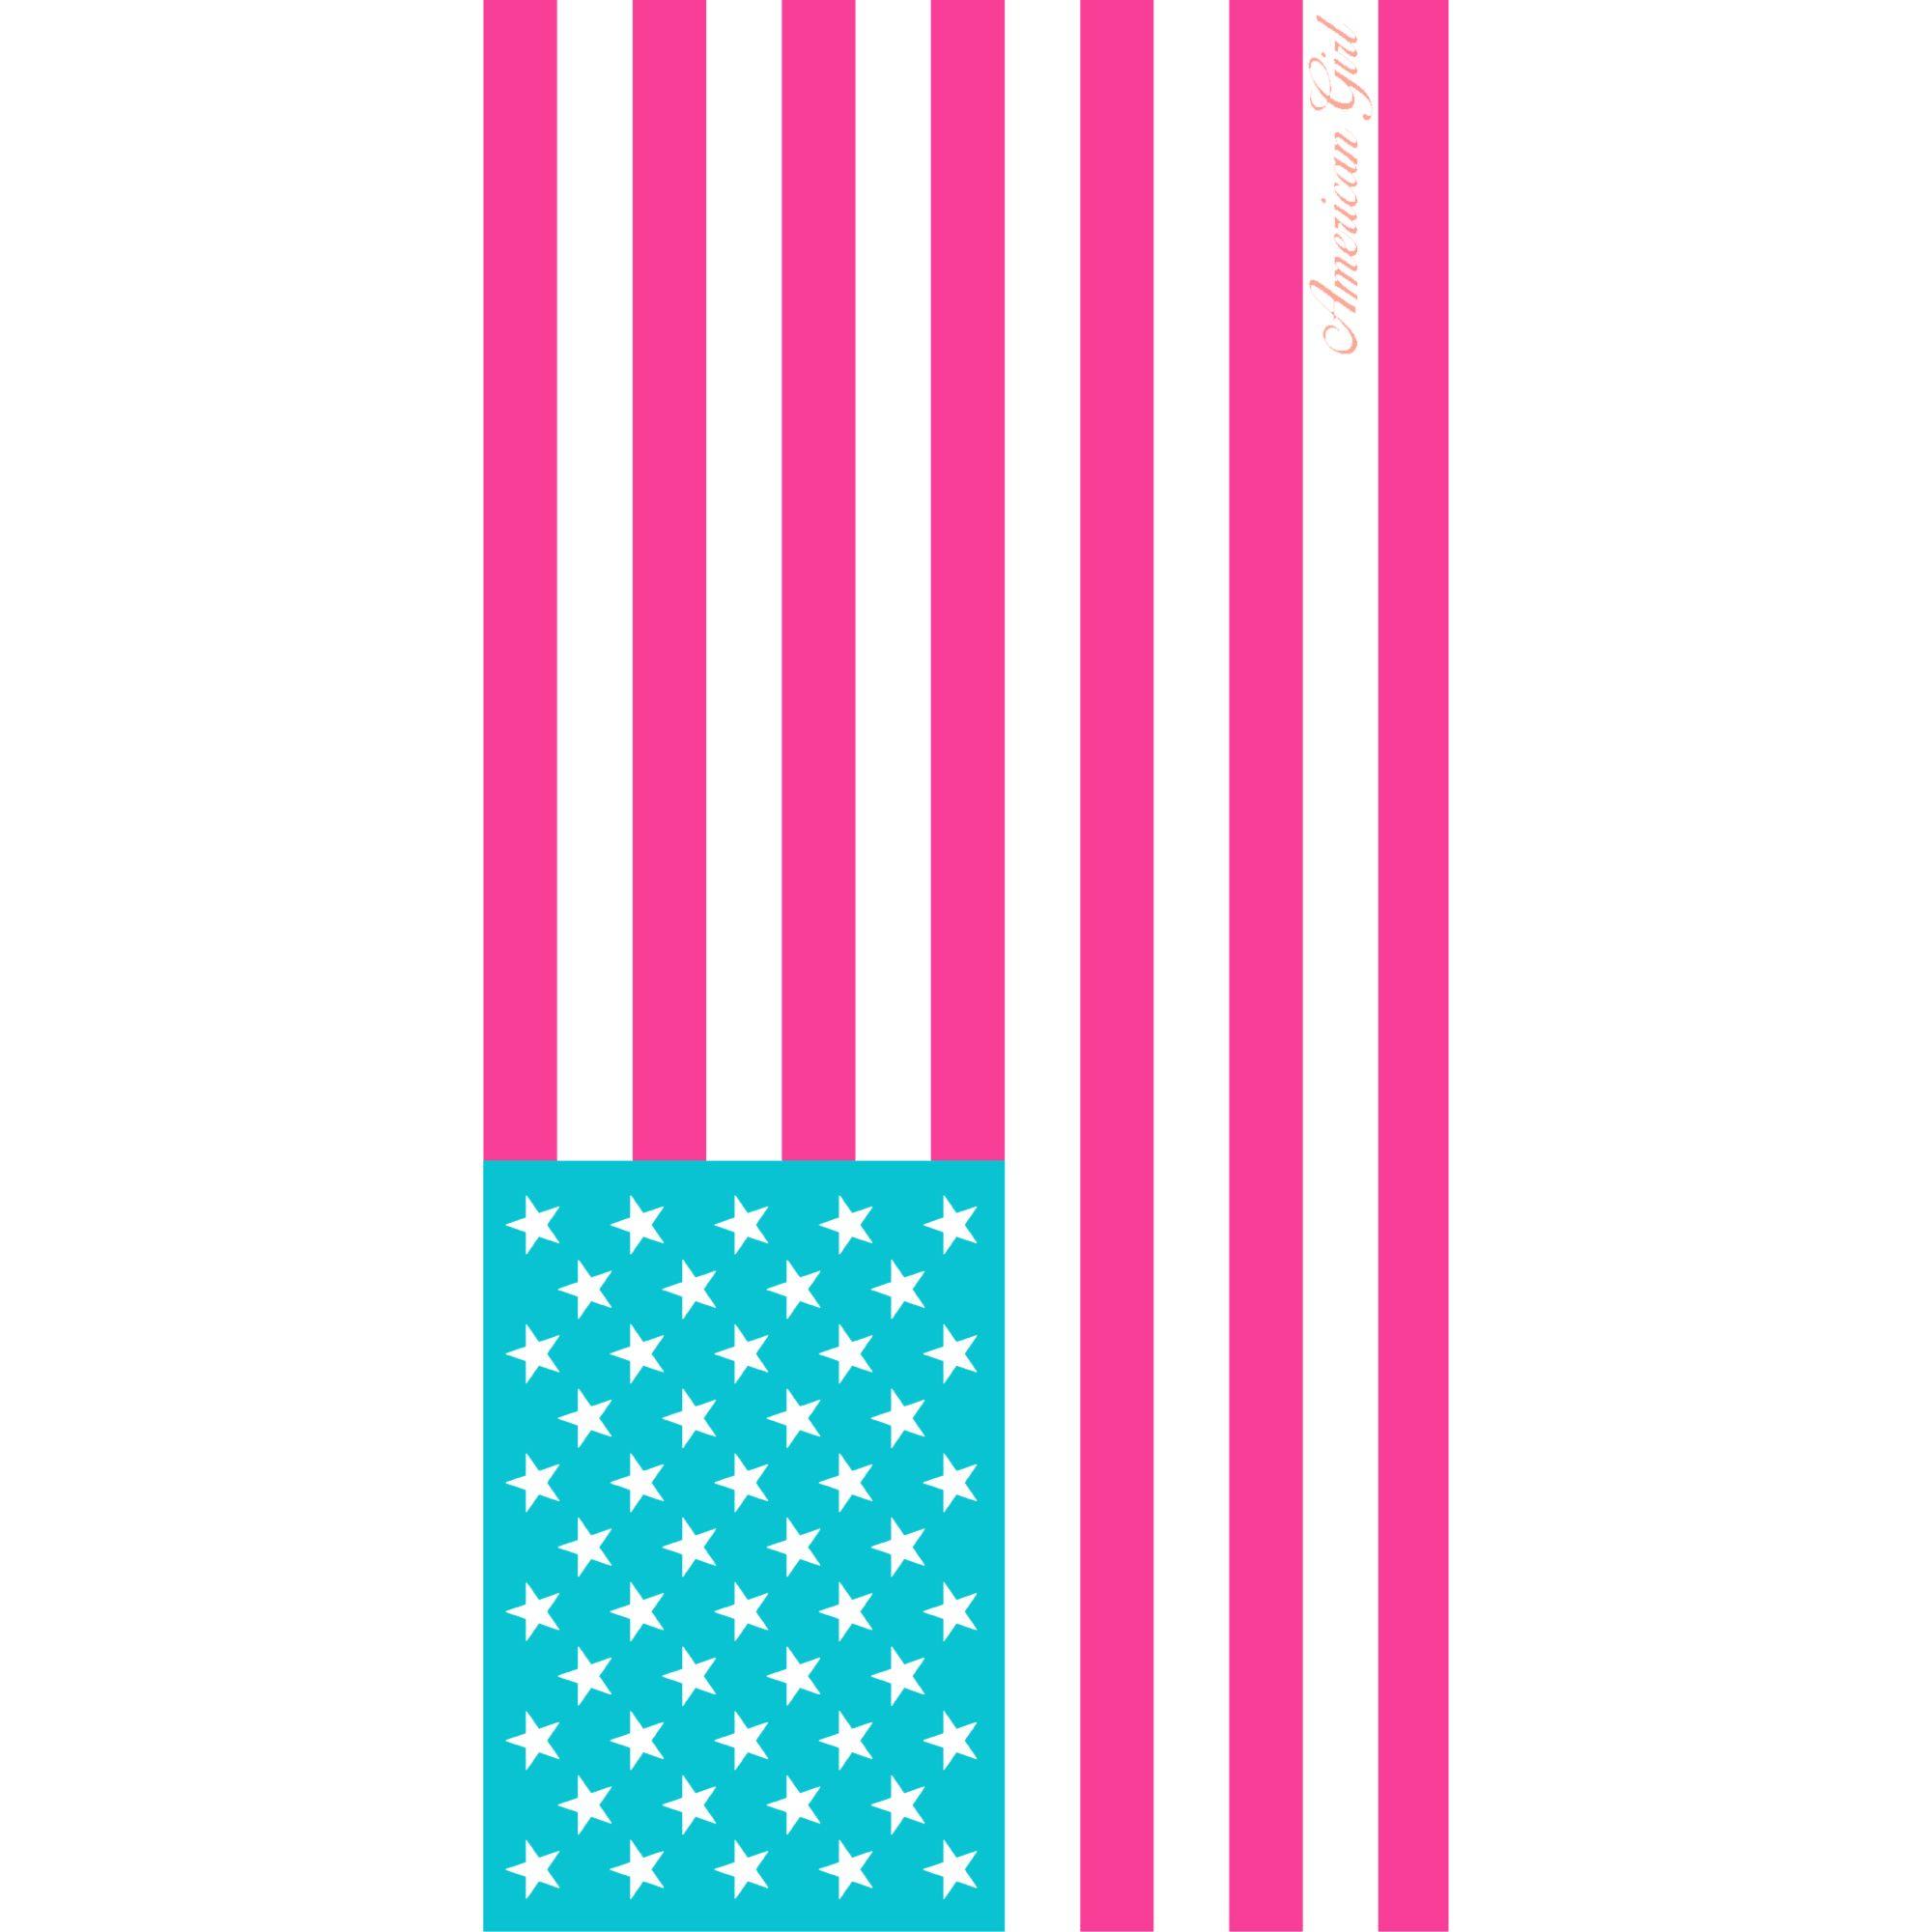 serviette de bain drap plage toilette drapeau usa american gir 140 x 70 cm. Black Bedroom Furniture Sets. Home Design Ideas